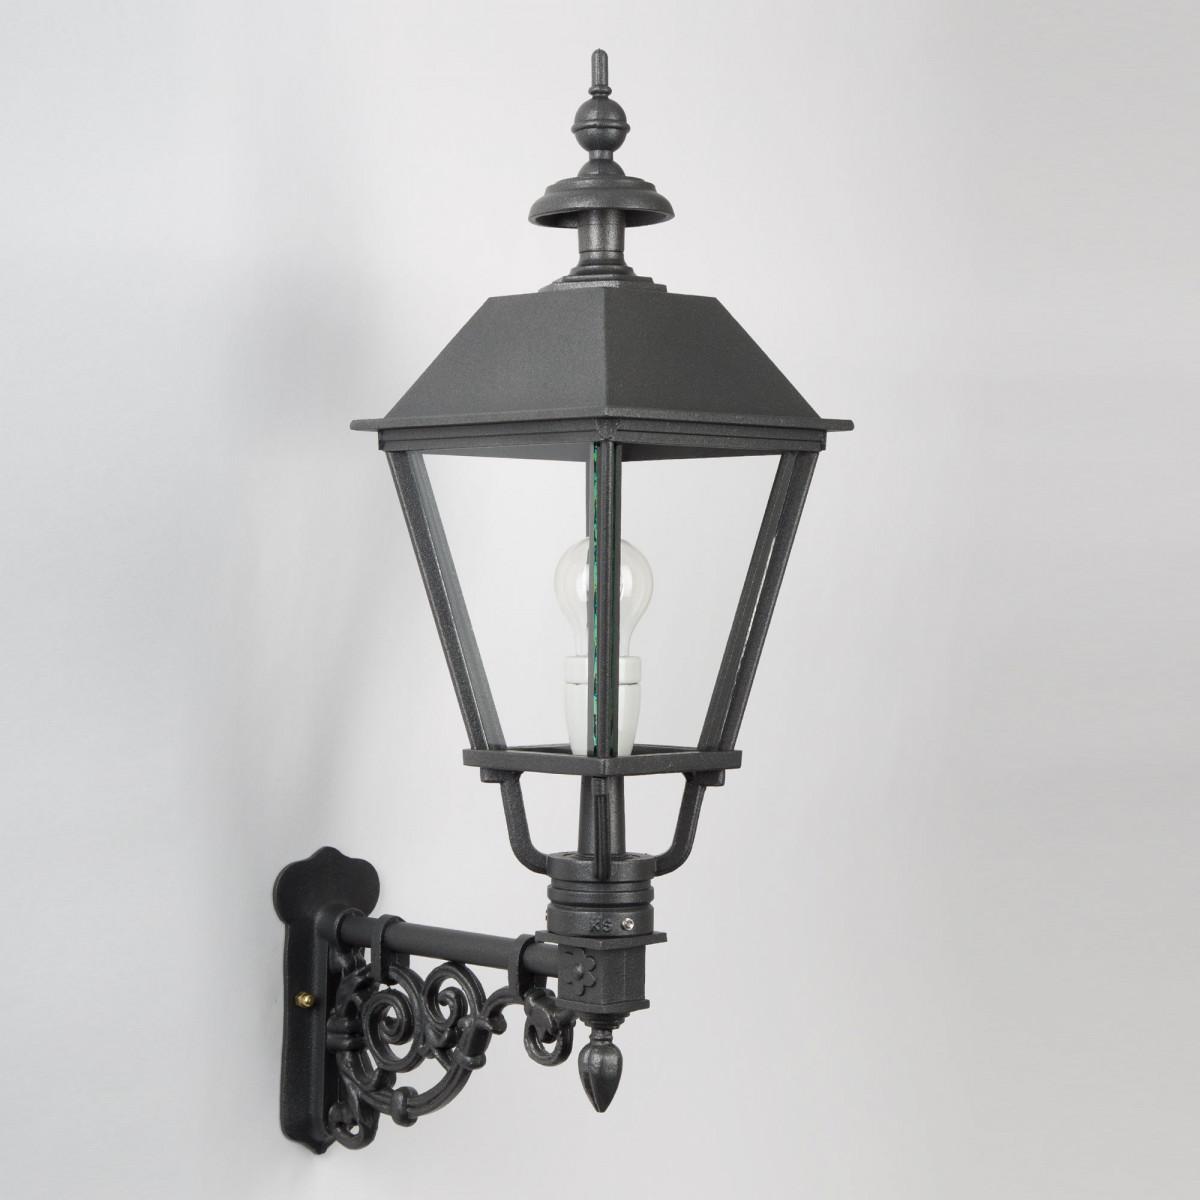 klassieke buitenverlichting - stijlvolle landelijke vierkante buitenlamp KS Zandvoort M - Nostalux